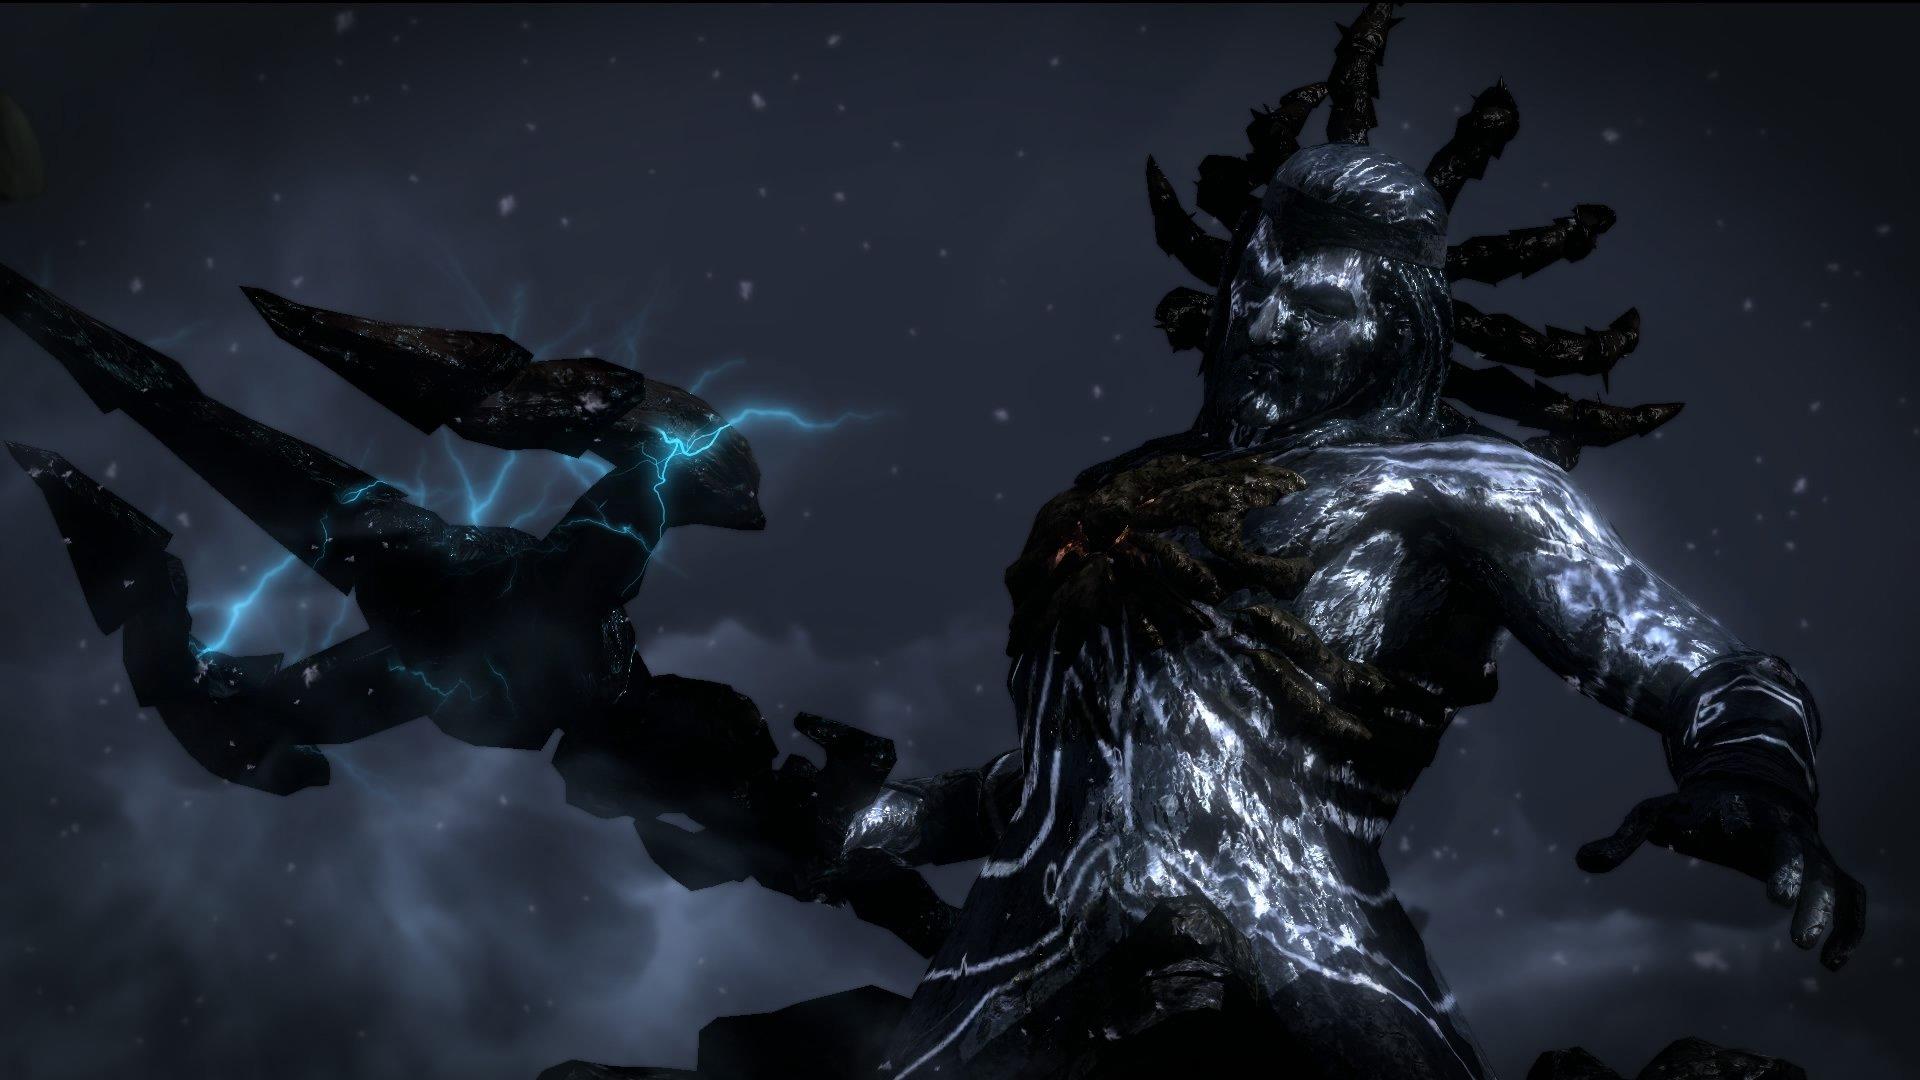 Análisis de God of War 3 Remastered para PS4 - 3DJuegos